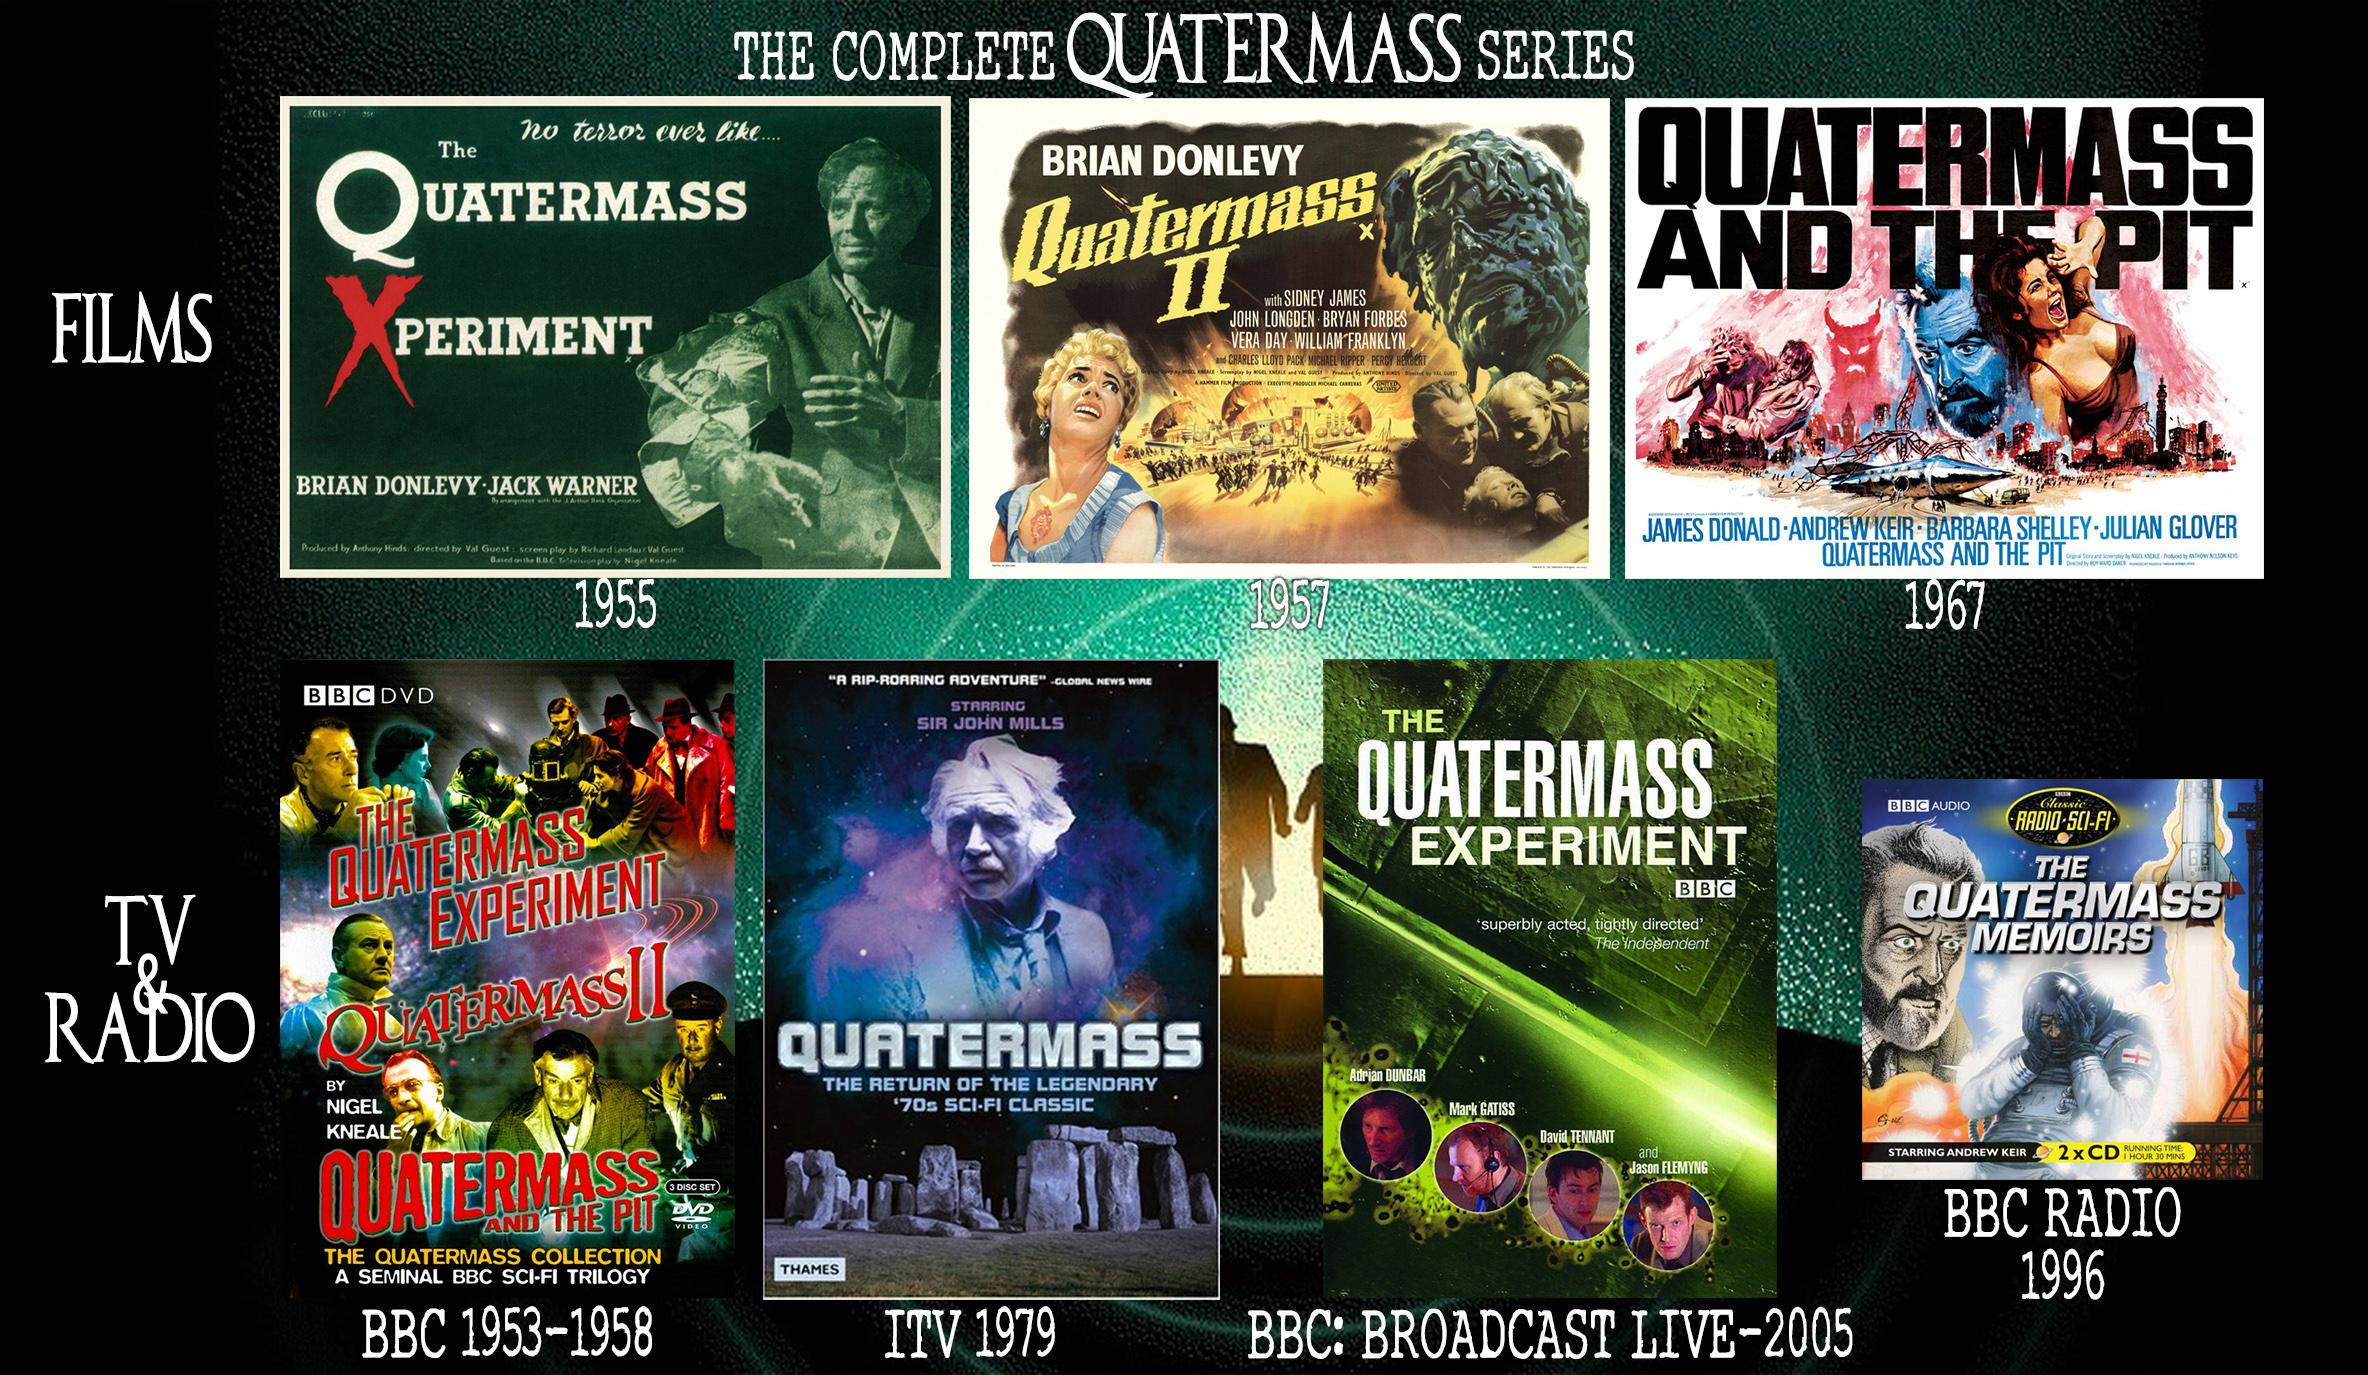 Quatermas TV Film Radio